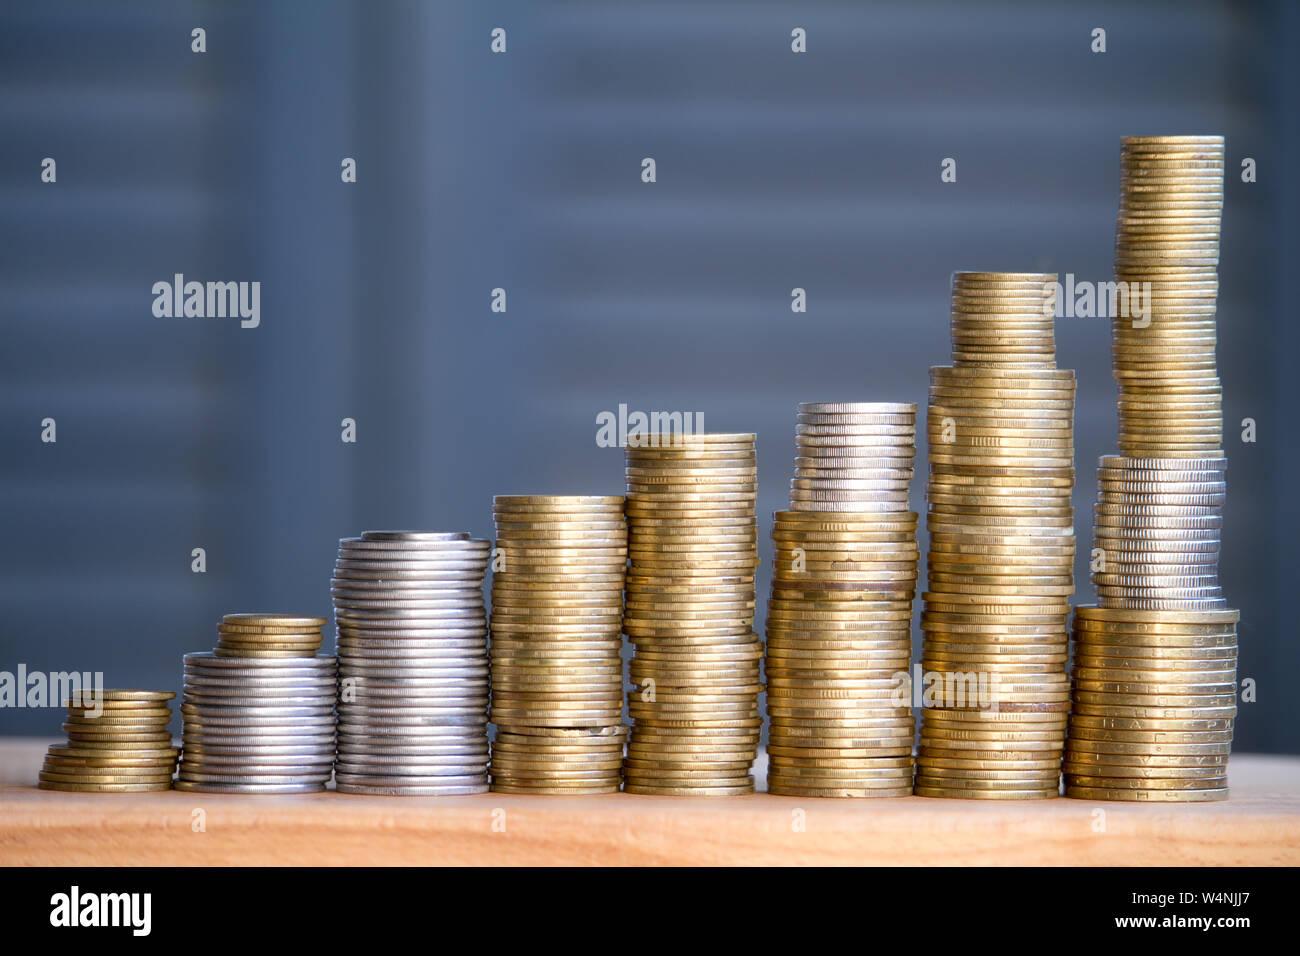 Libre de colonnes de pièces multi-couleur de l'augmentation de la hauteur, le concept d'épargne et d'économiser de l'argent, selective focus Banque D'Images